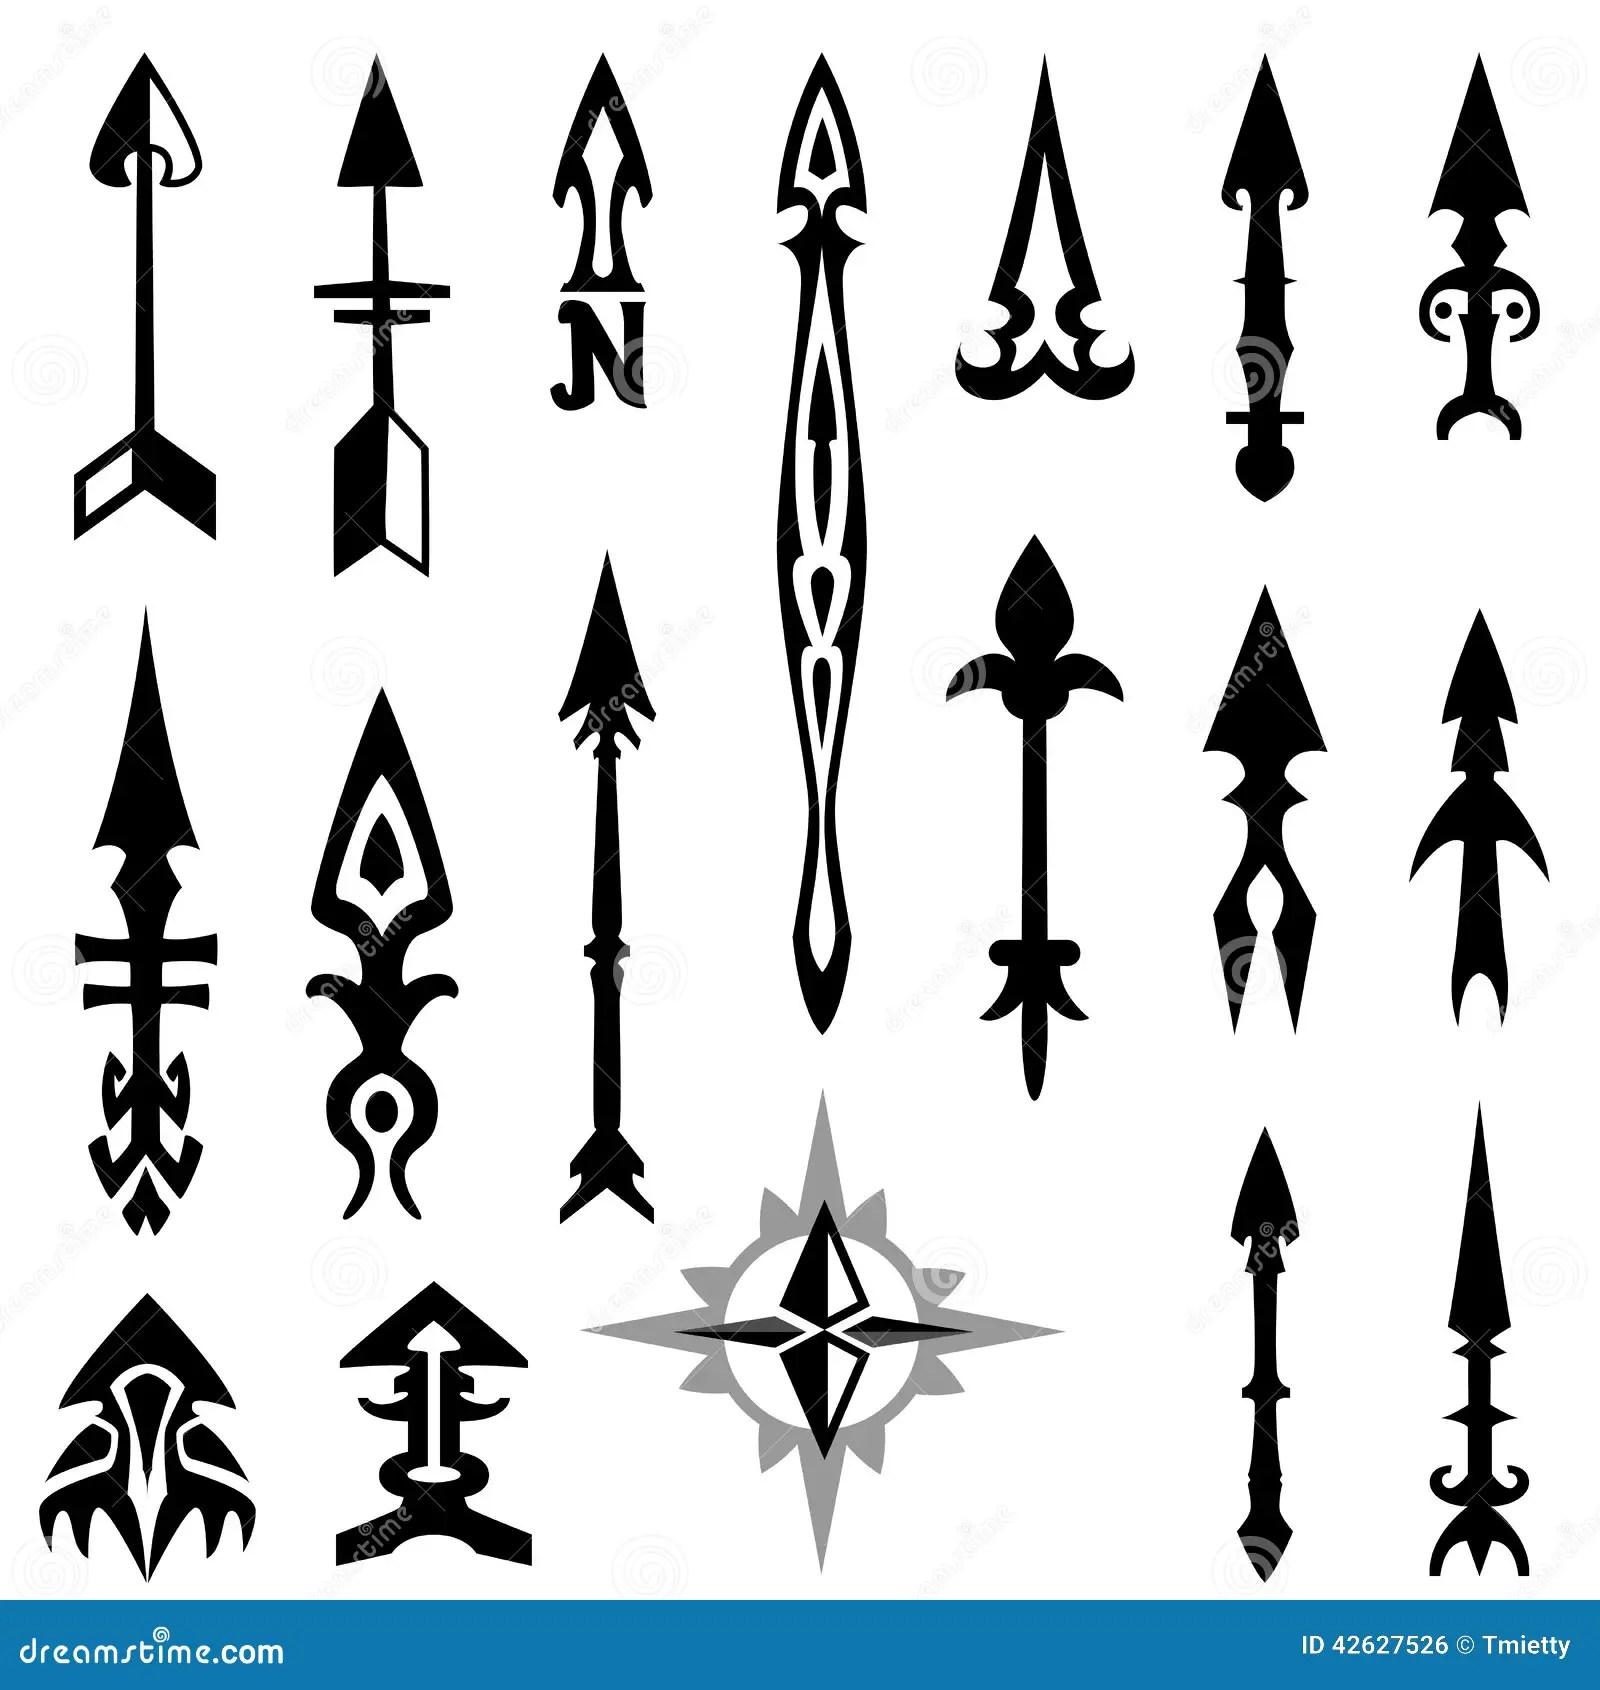 Arrow Illustrations Stock Vector Illustration Of Arrows